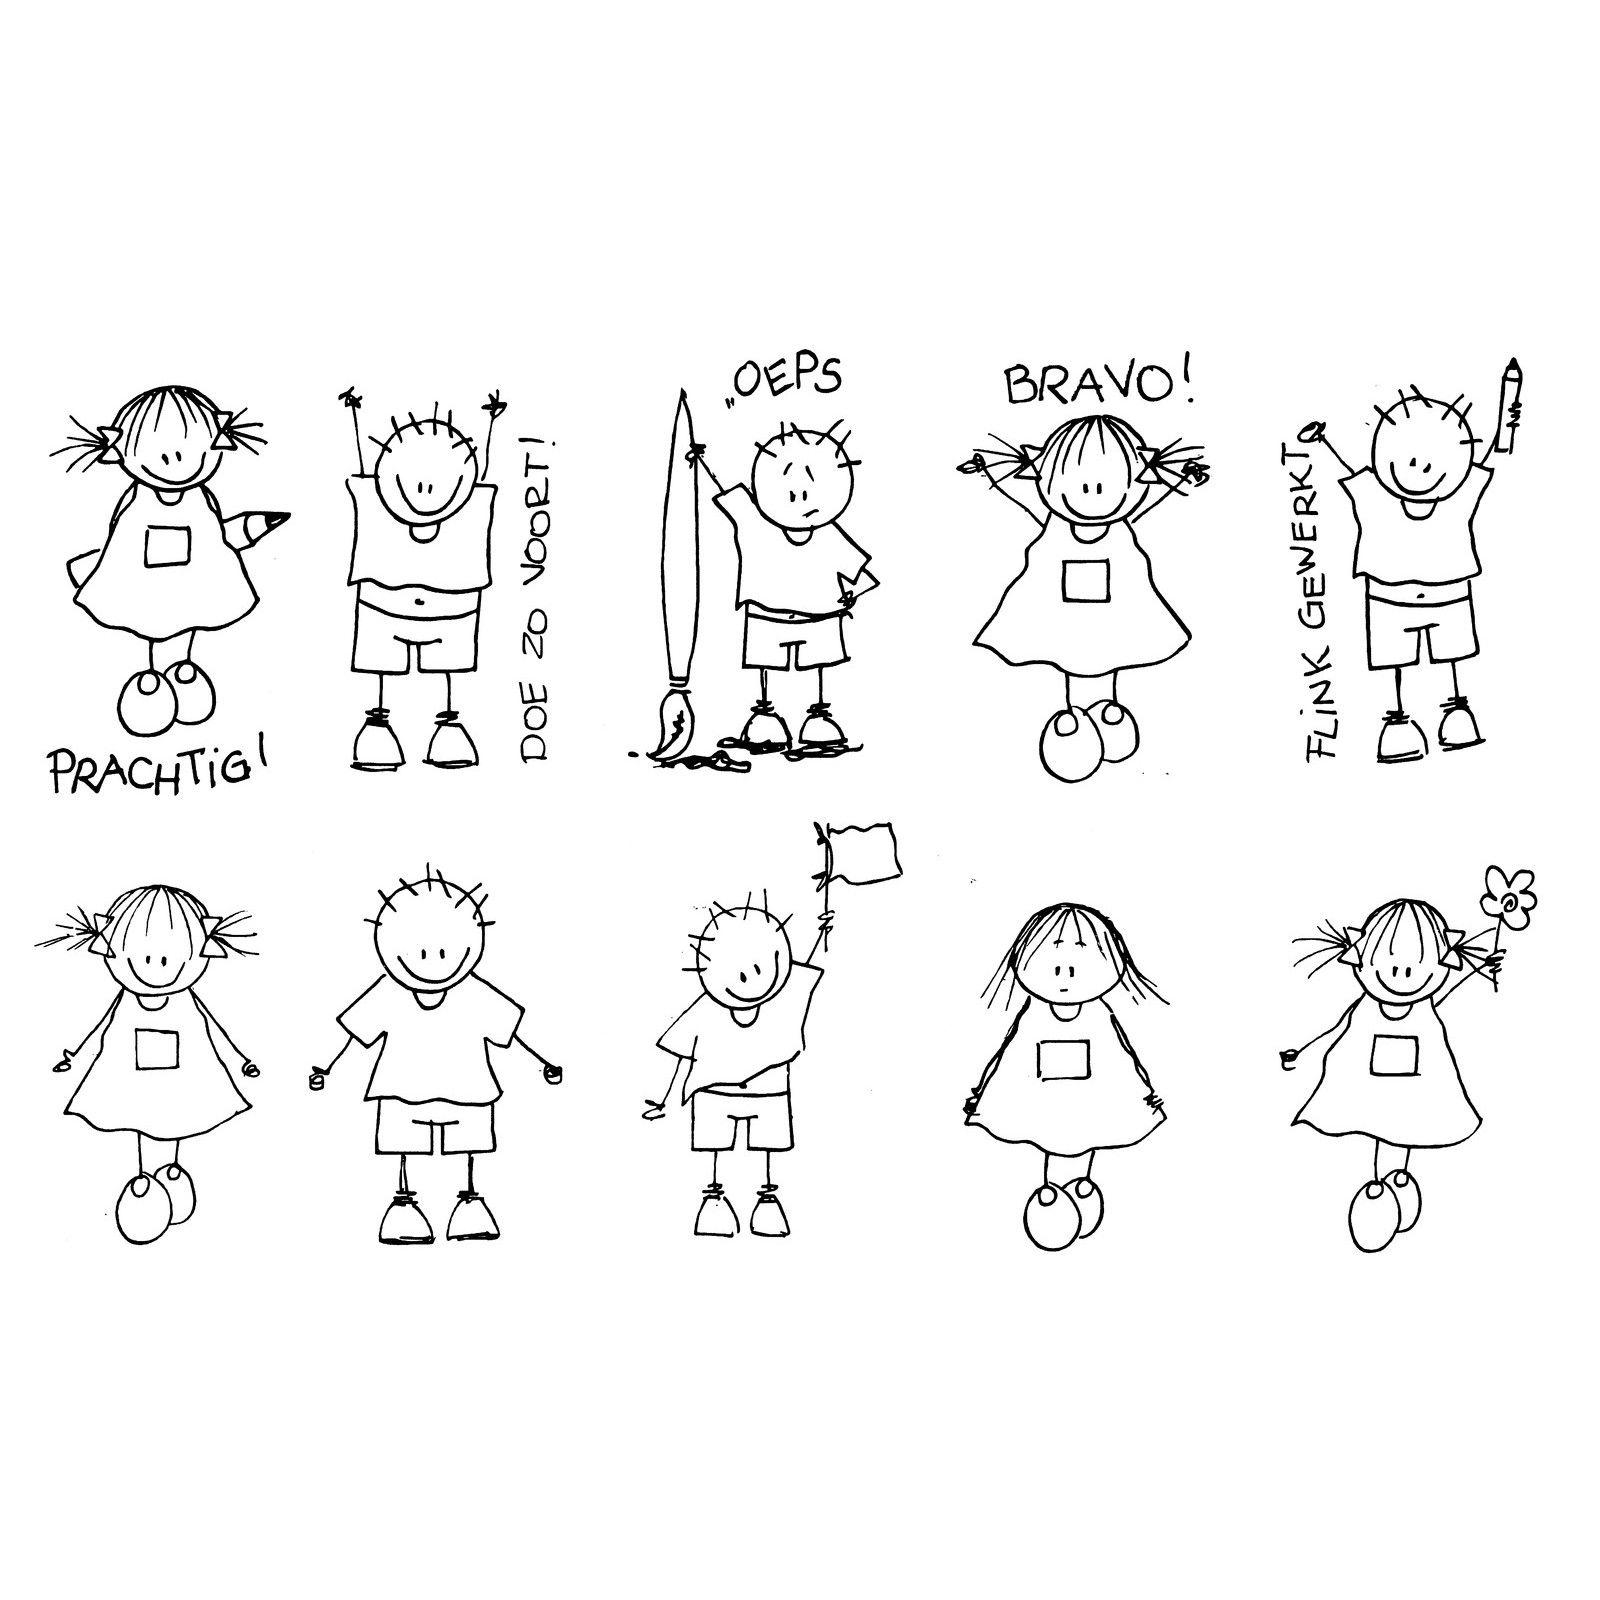 Set Beloningsstempels 10 Stuks Rube En Rutje Doodle Ideeen Eenvoudige Tekeningen Kind Tekening